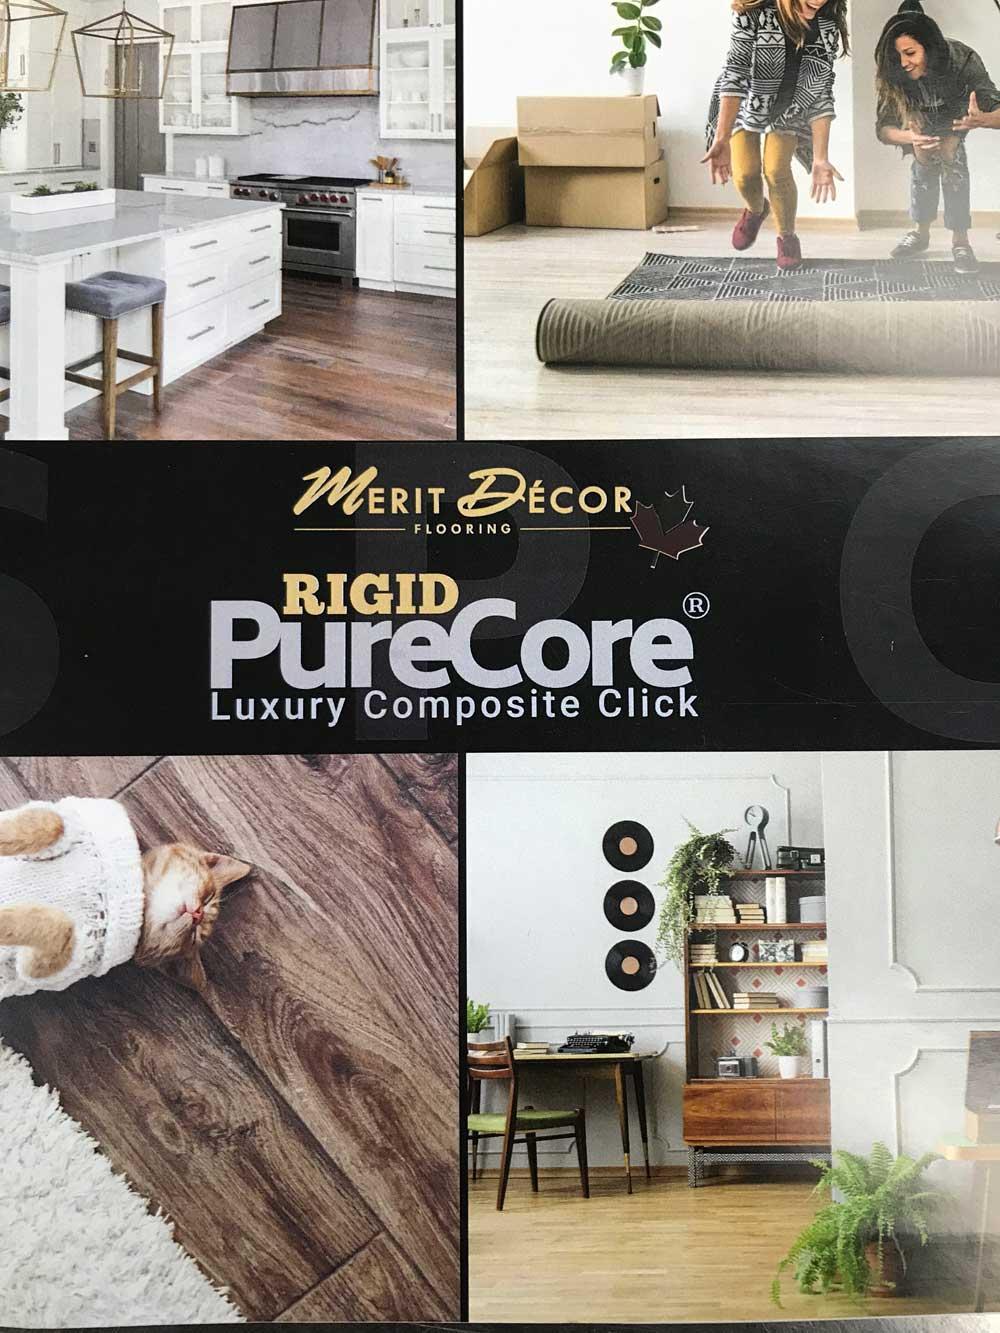 merit decor flooring rigid purecore flyer